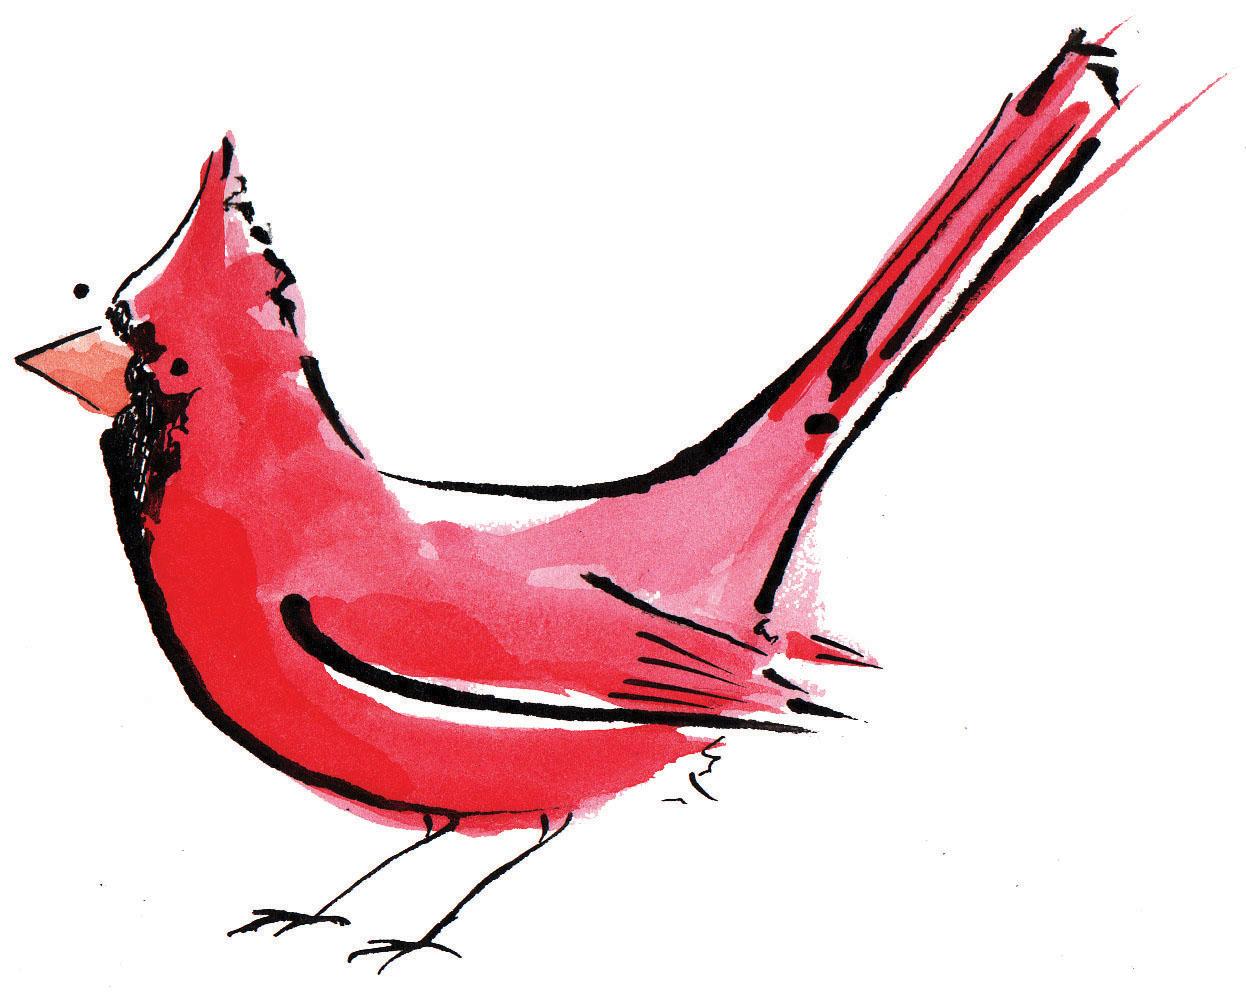 Red Cardinal Drawing at GetDrawings